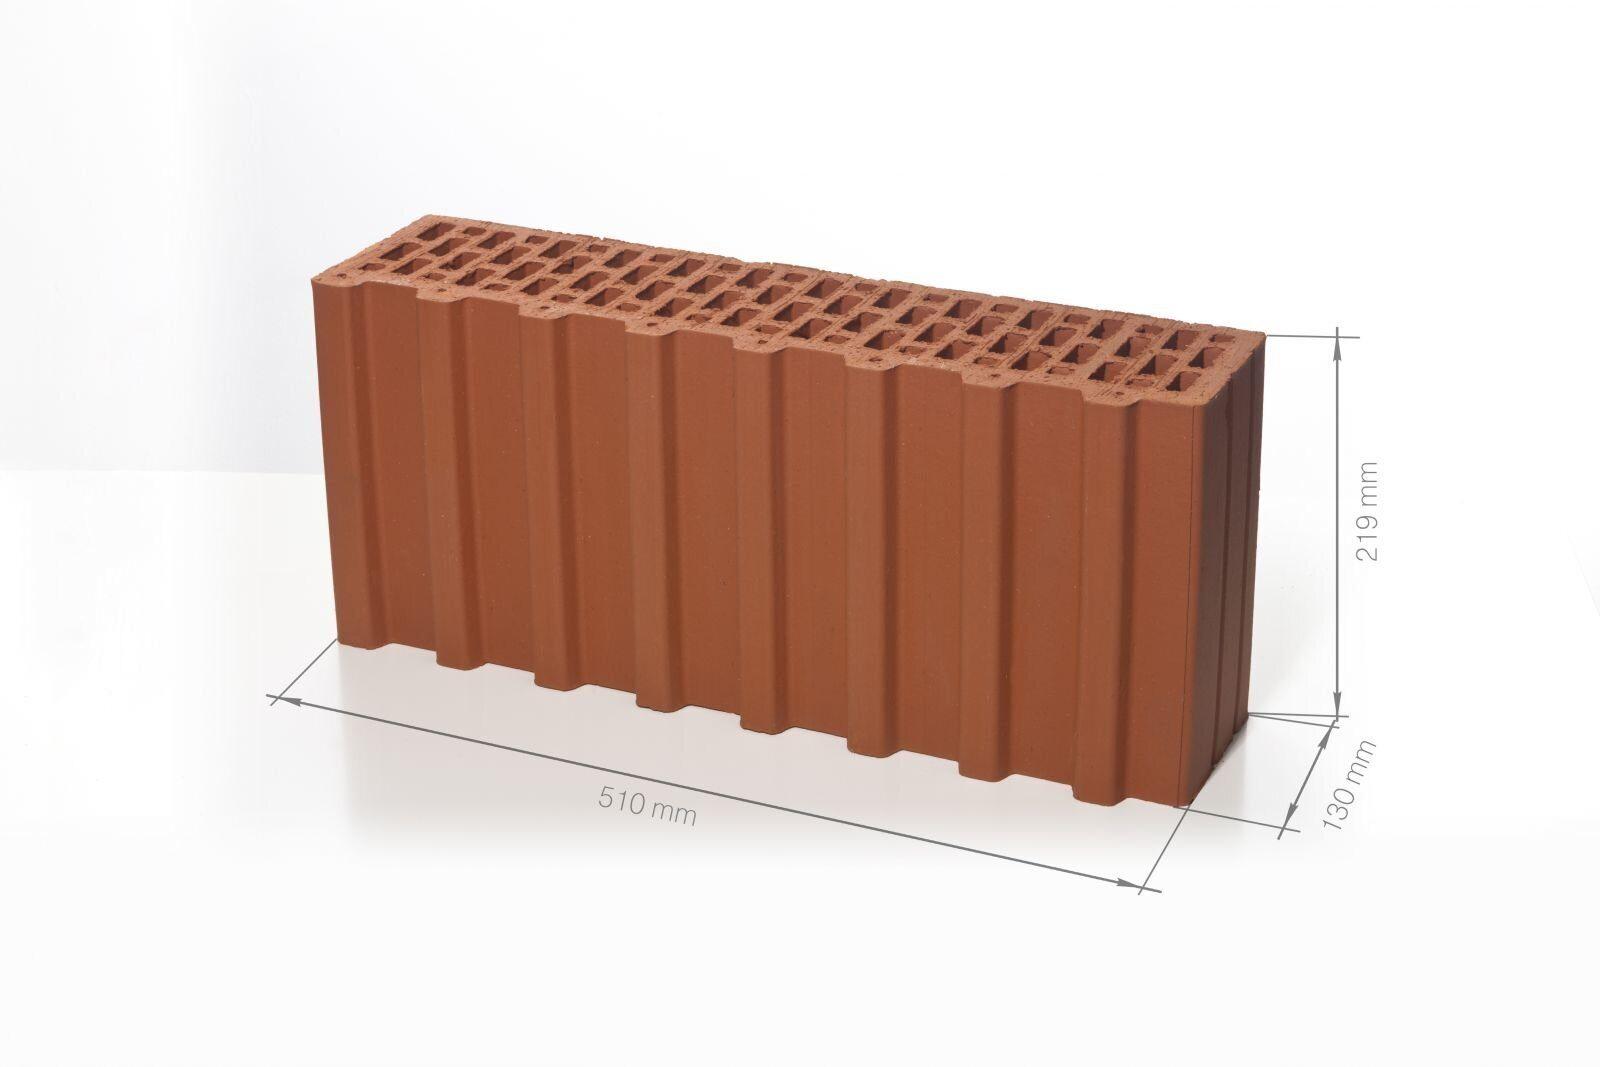 сколько весит керамоблок